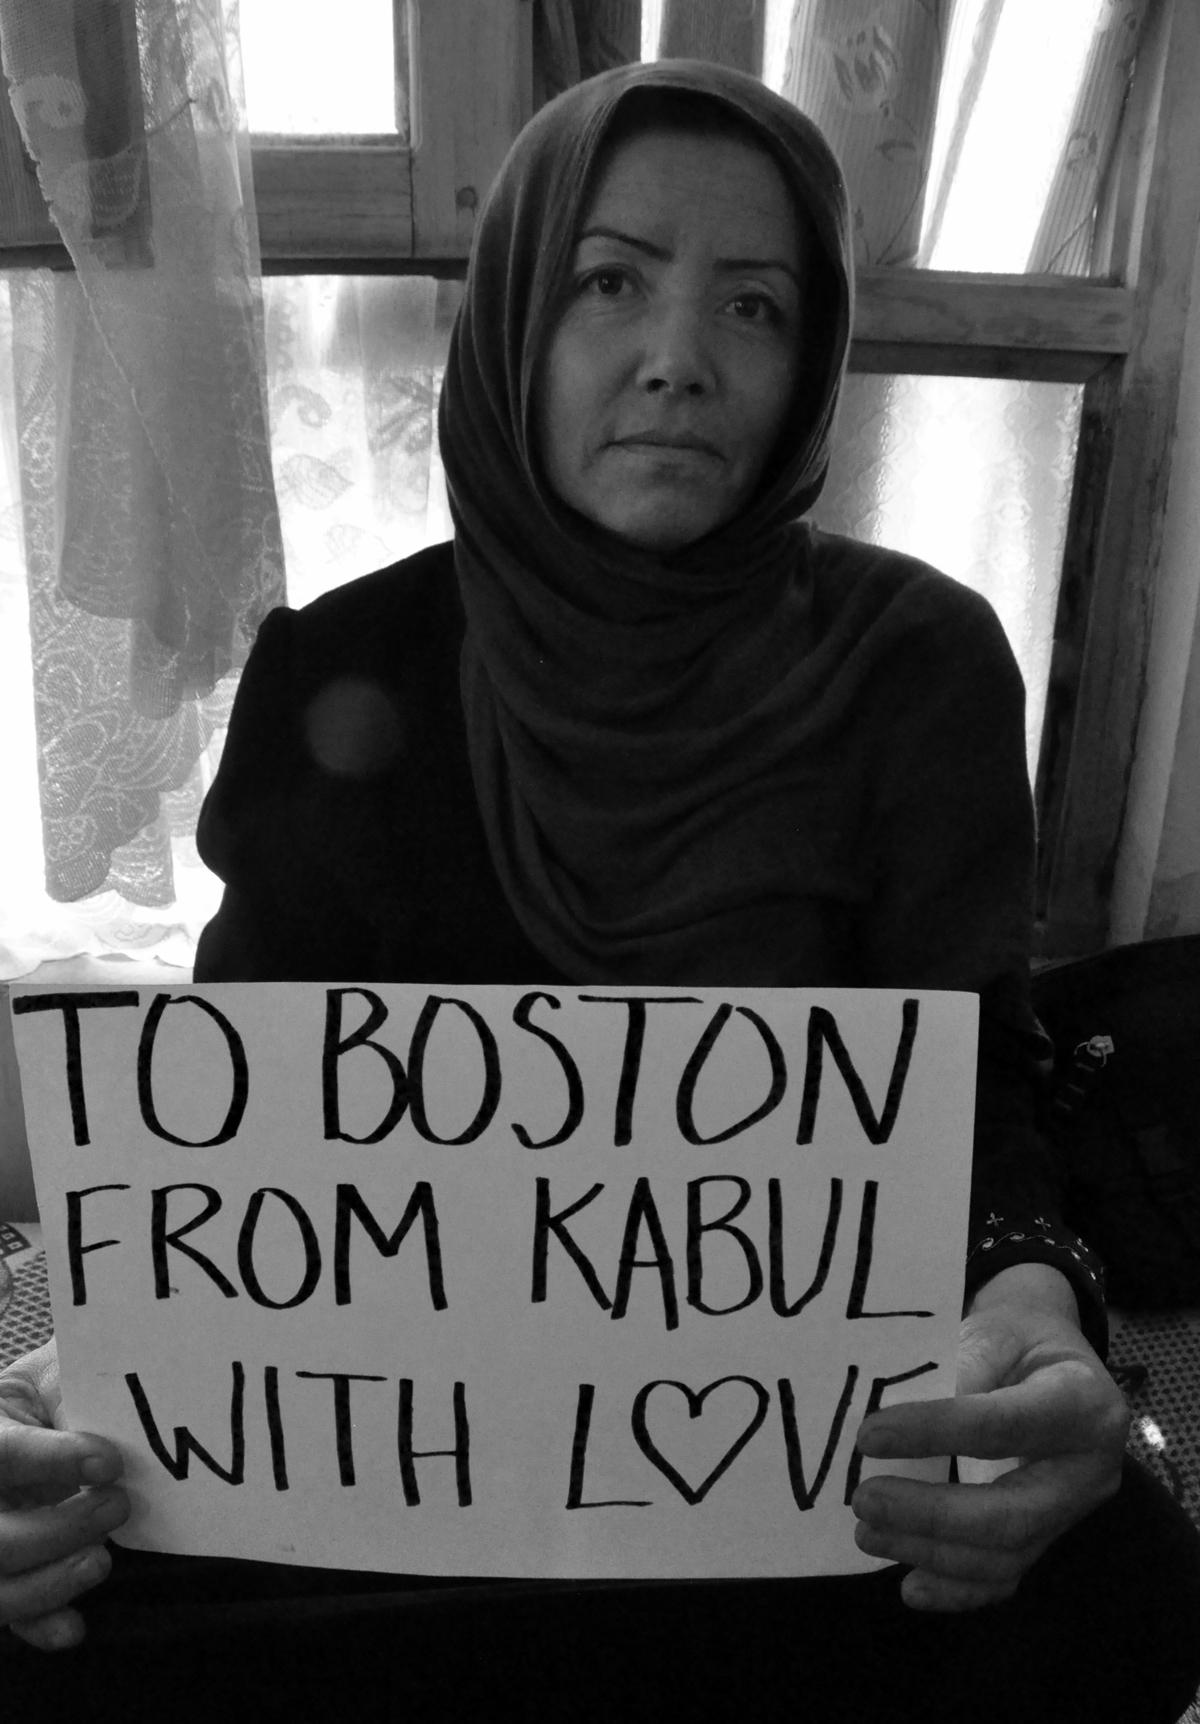 2013-04-19-BostonKabulLoveSmall5.jpg